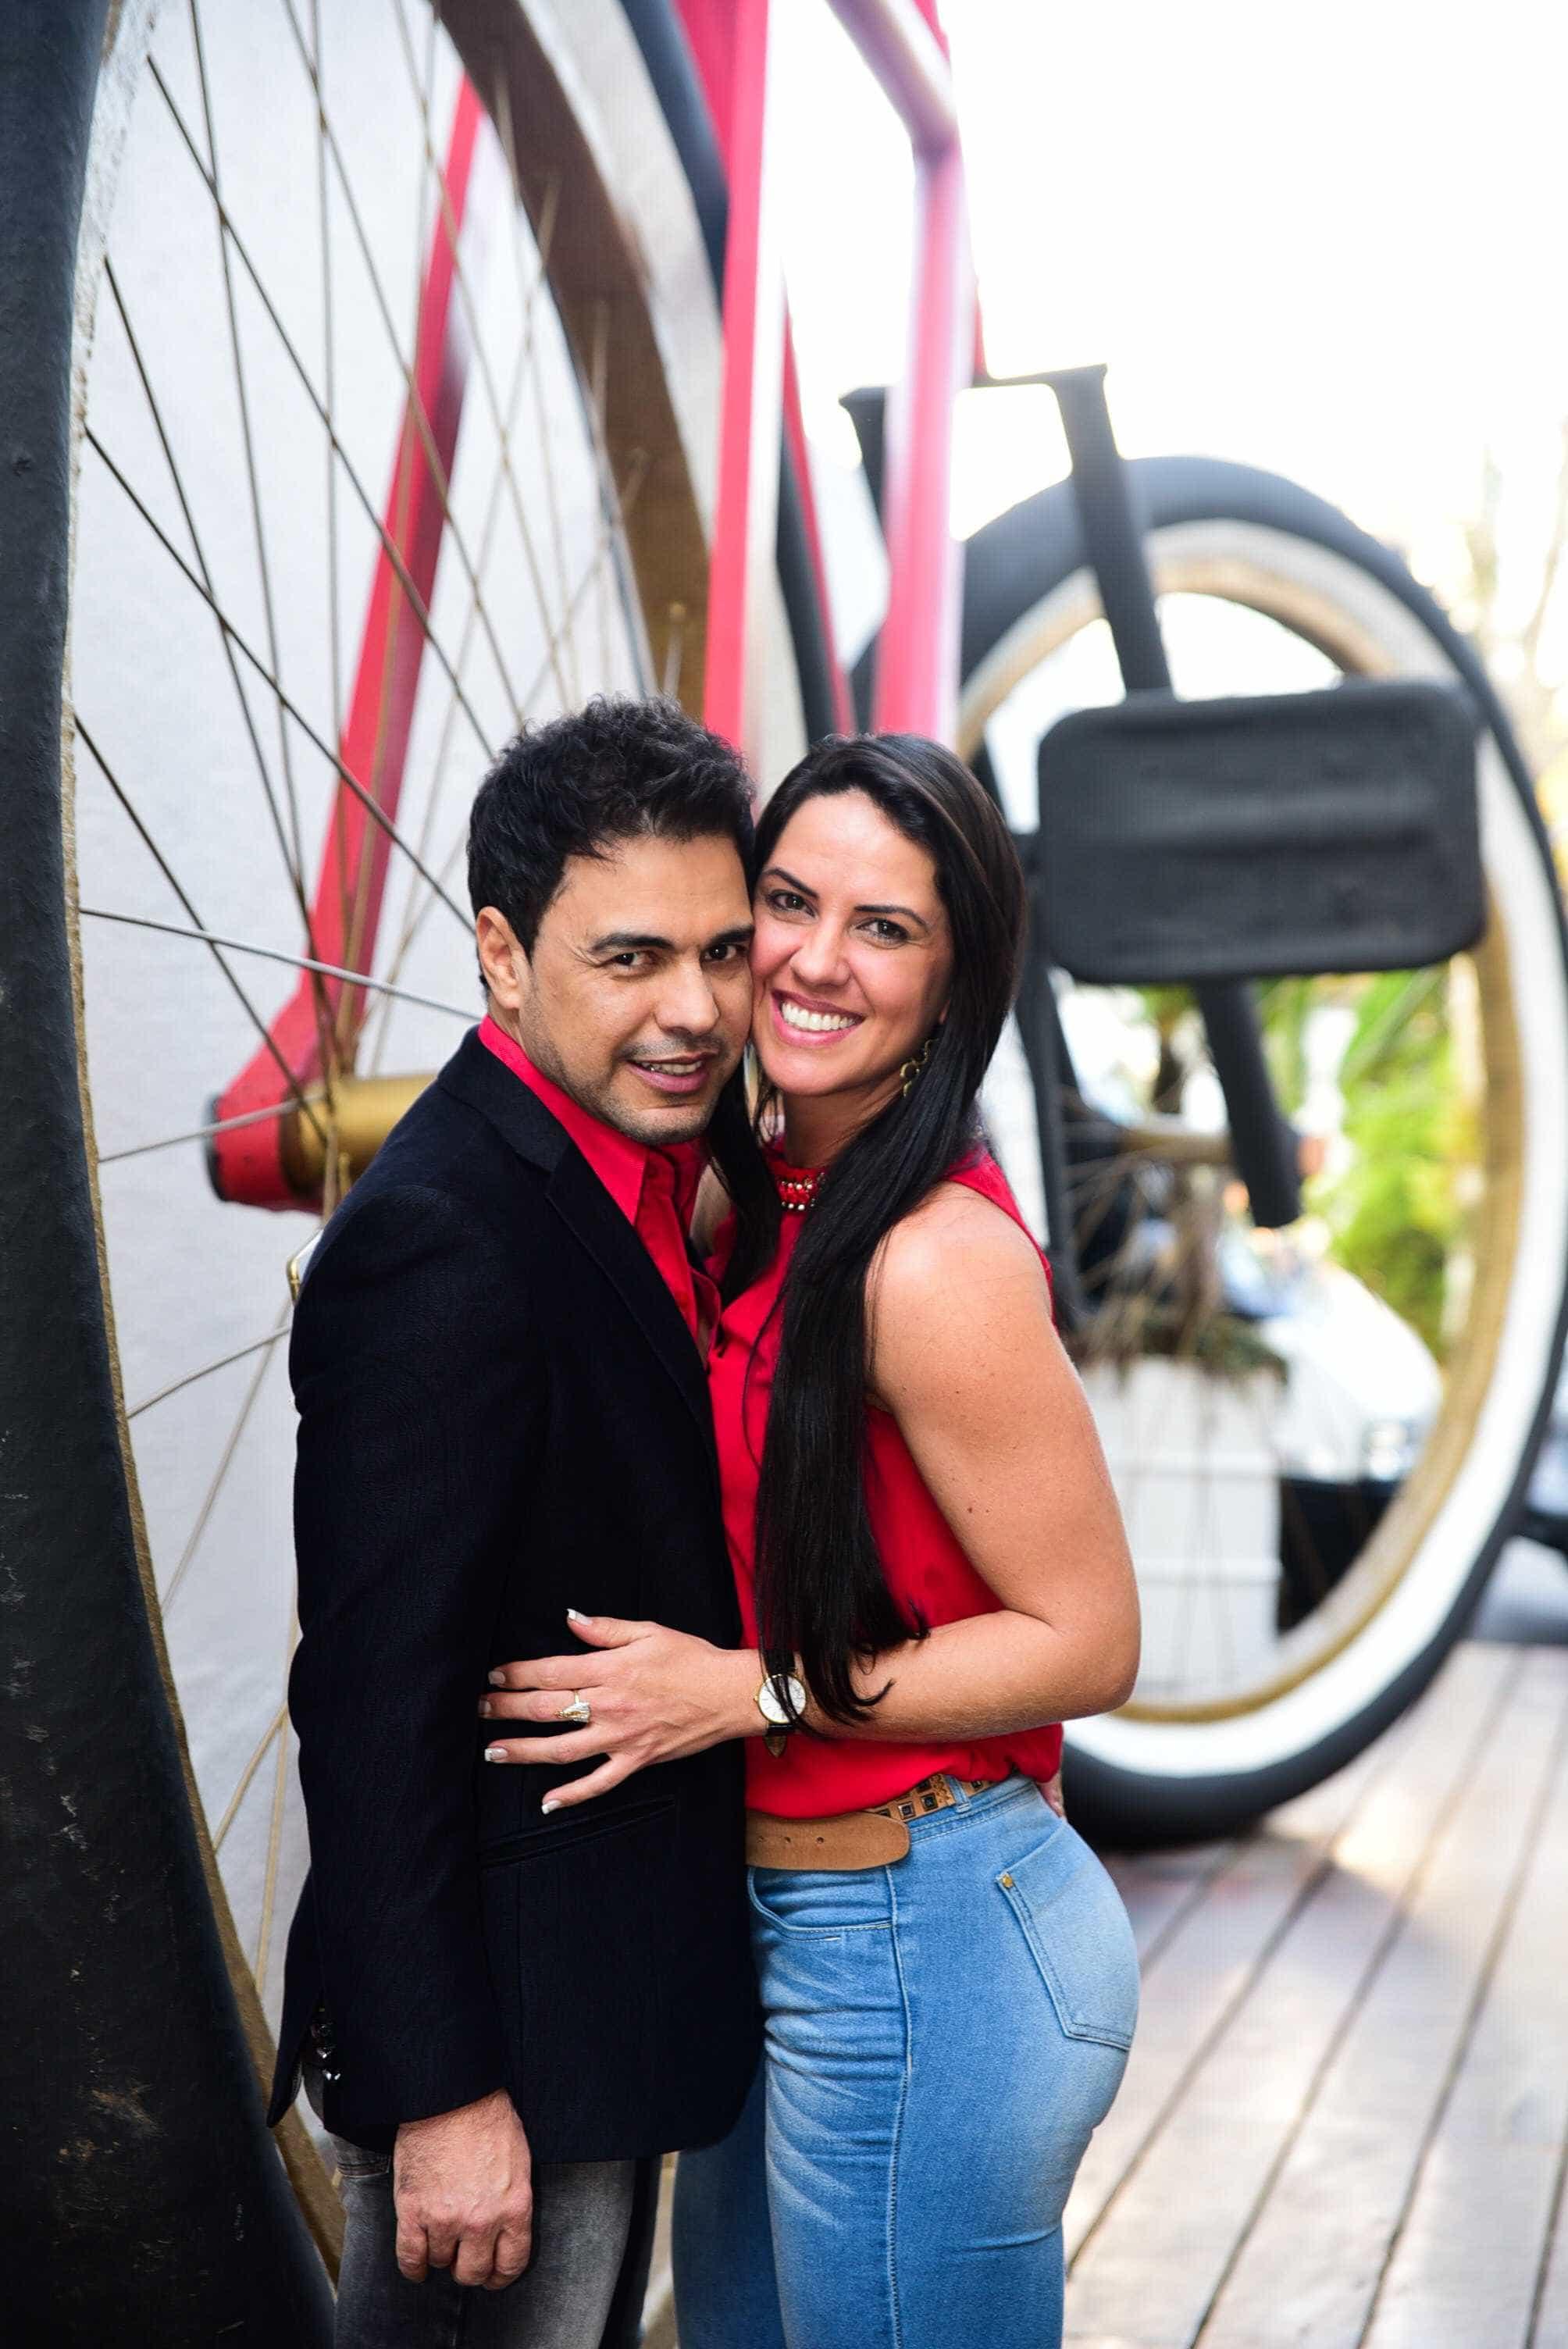 Zezé faz declaração sobre noite em motel com Graci:'isso é amor'